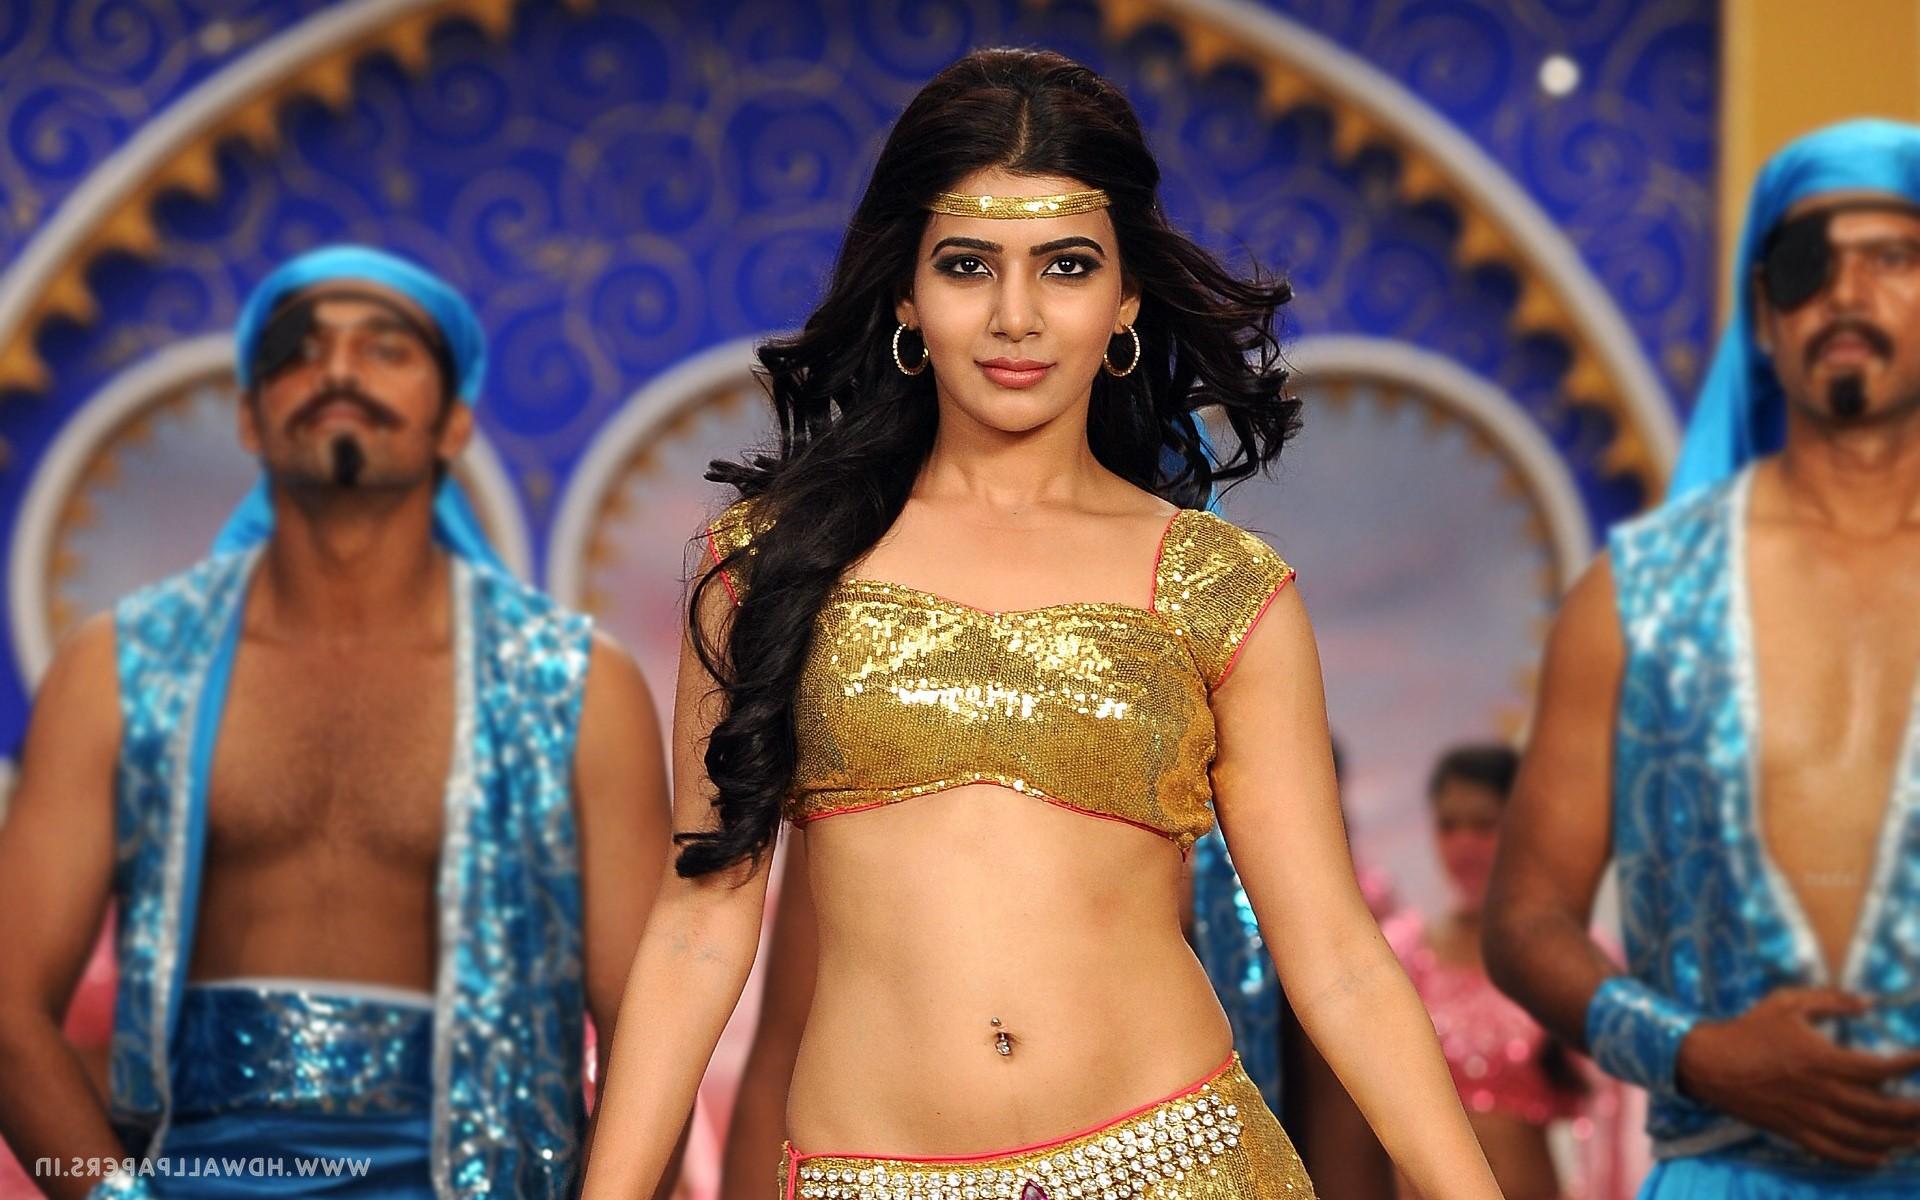 240x320 samantha indian actress hd nokia 230, nokia 215, samsung